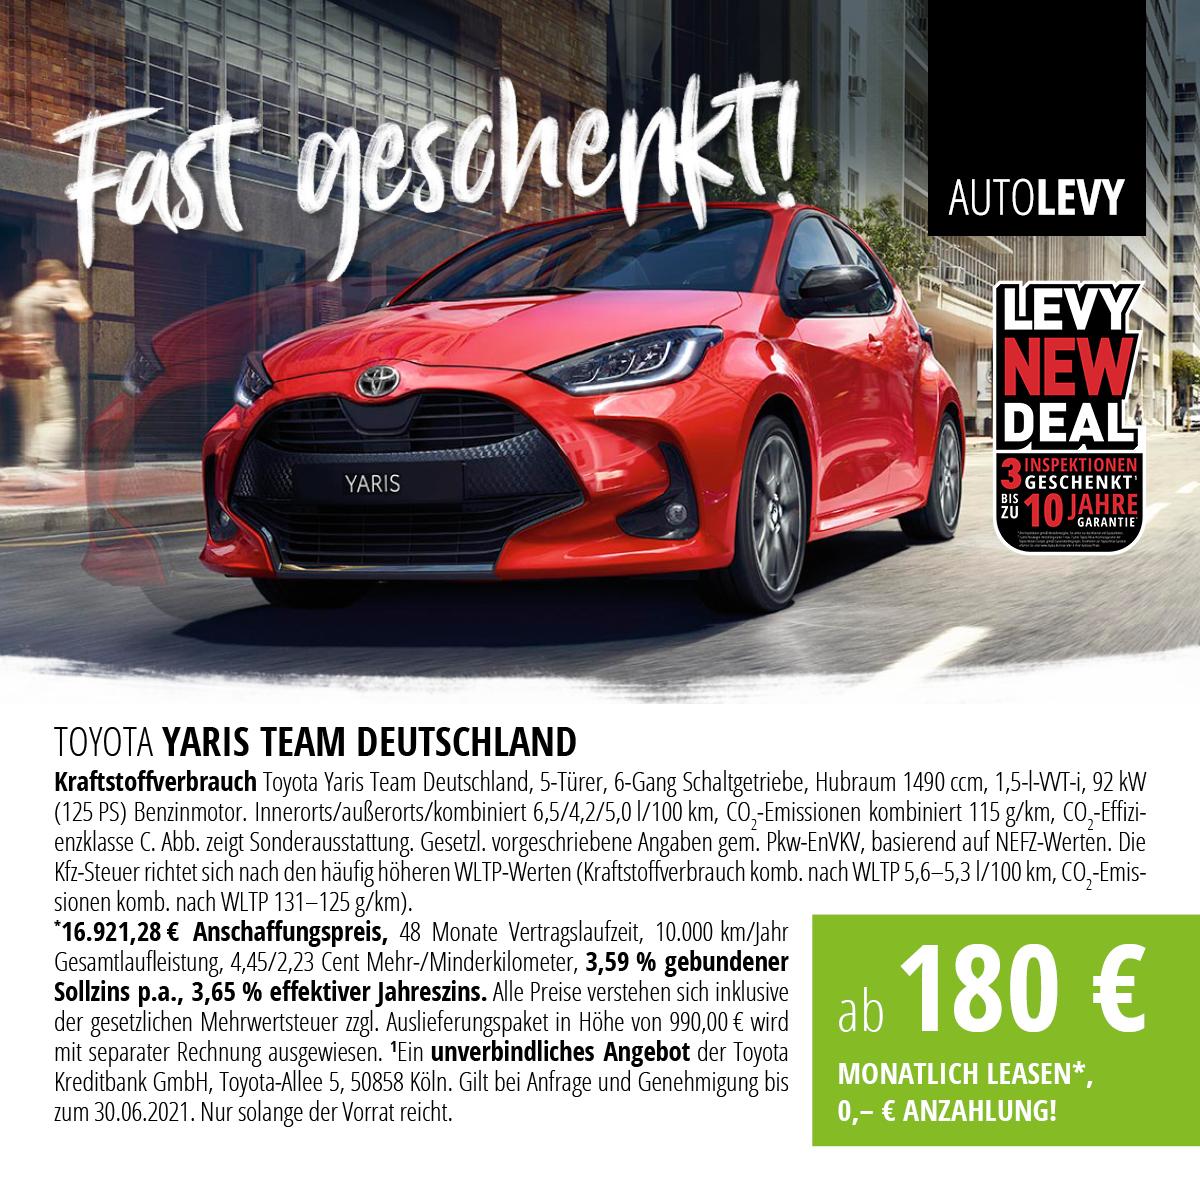 Toyota Yaris Team Deutschland